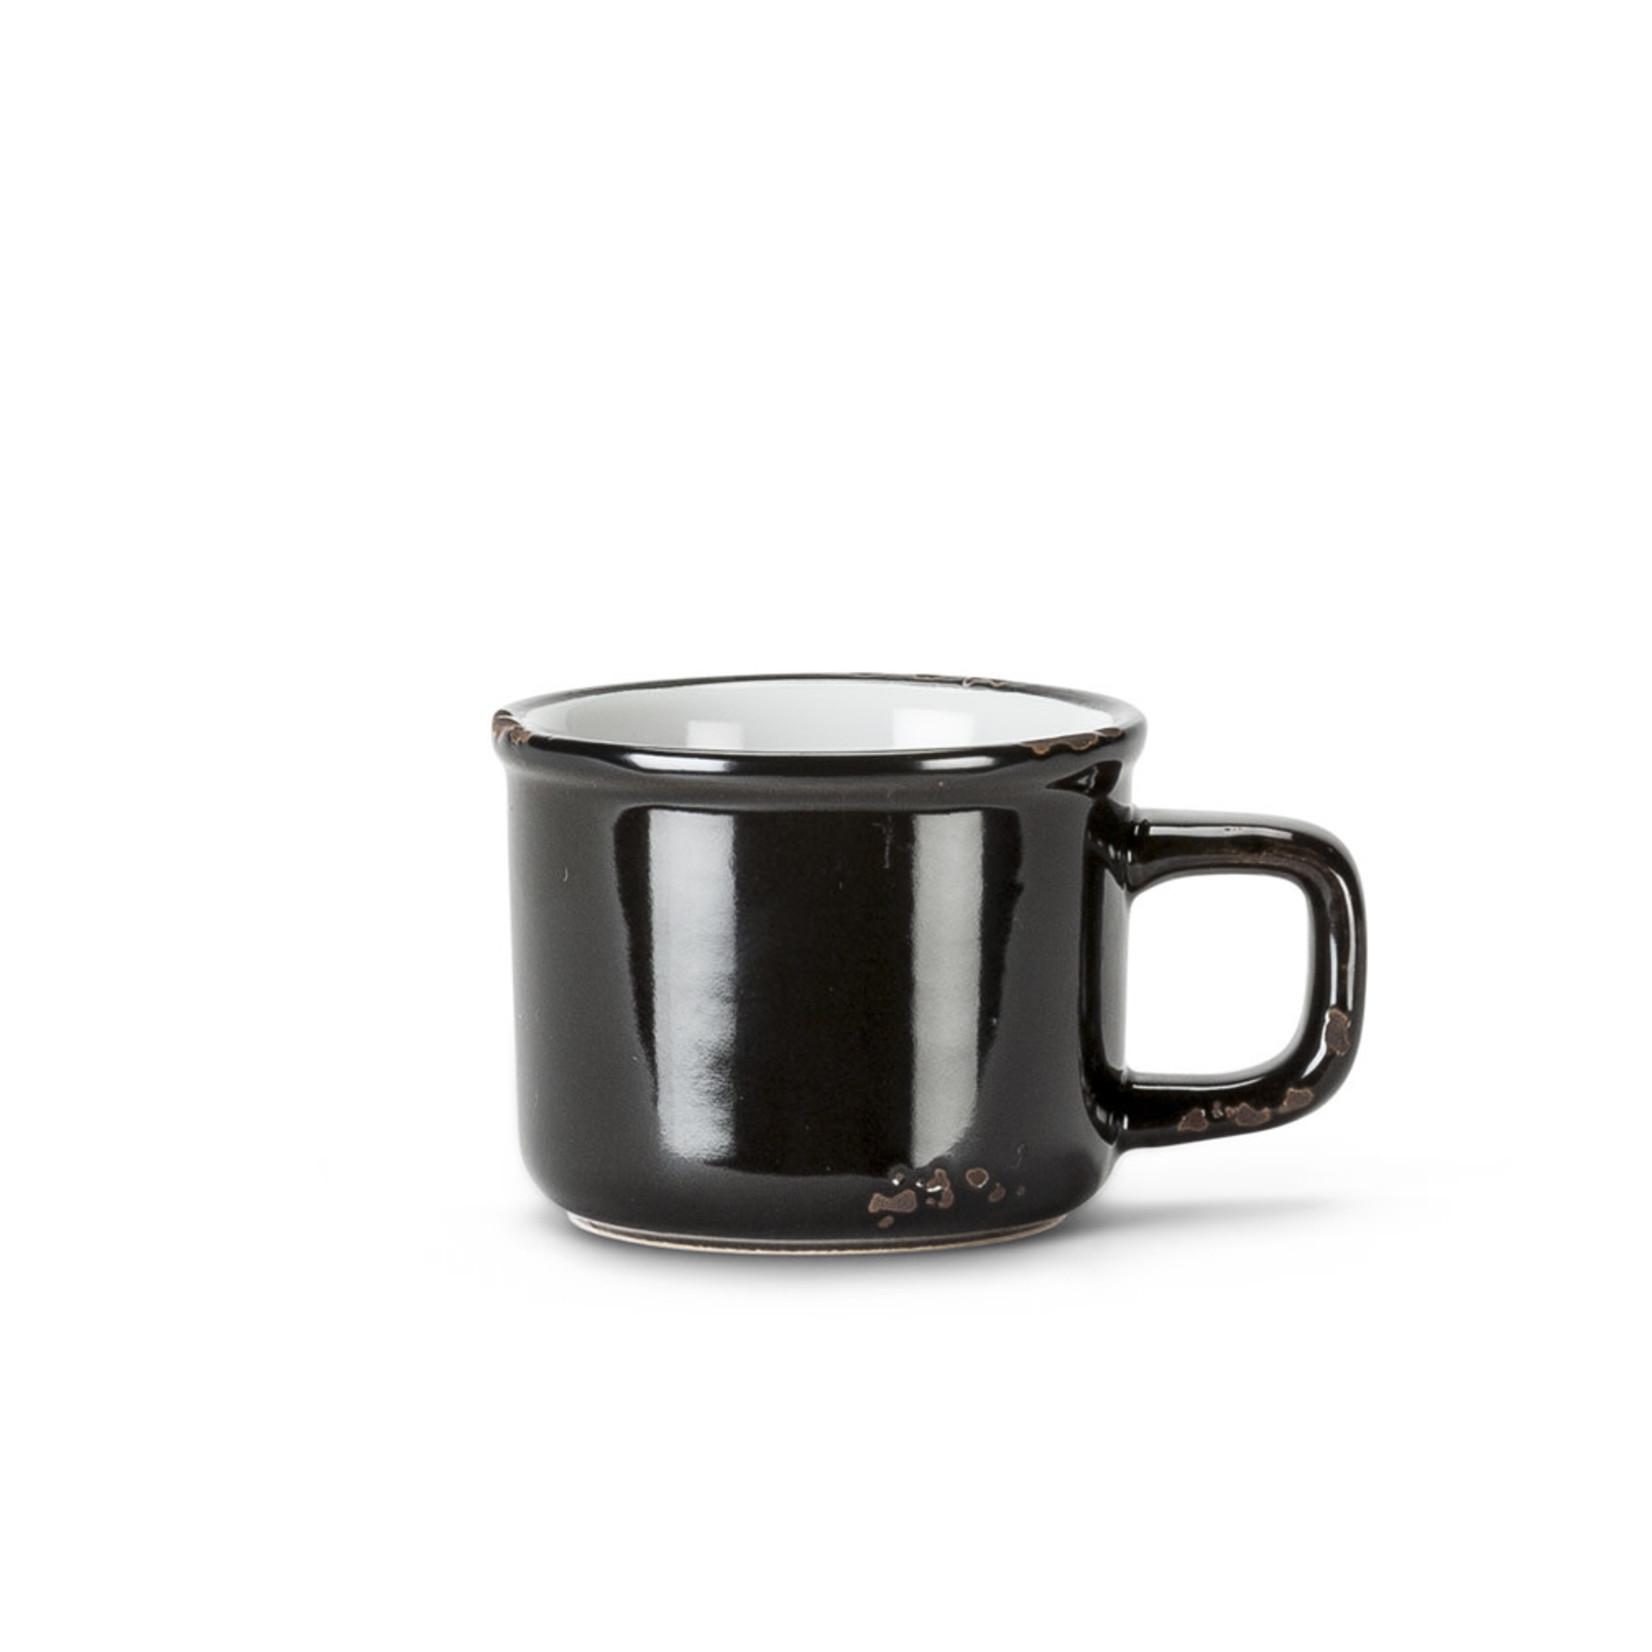 Abbott Tasse espresso émail - Noire